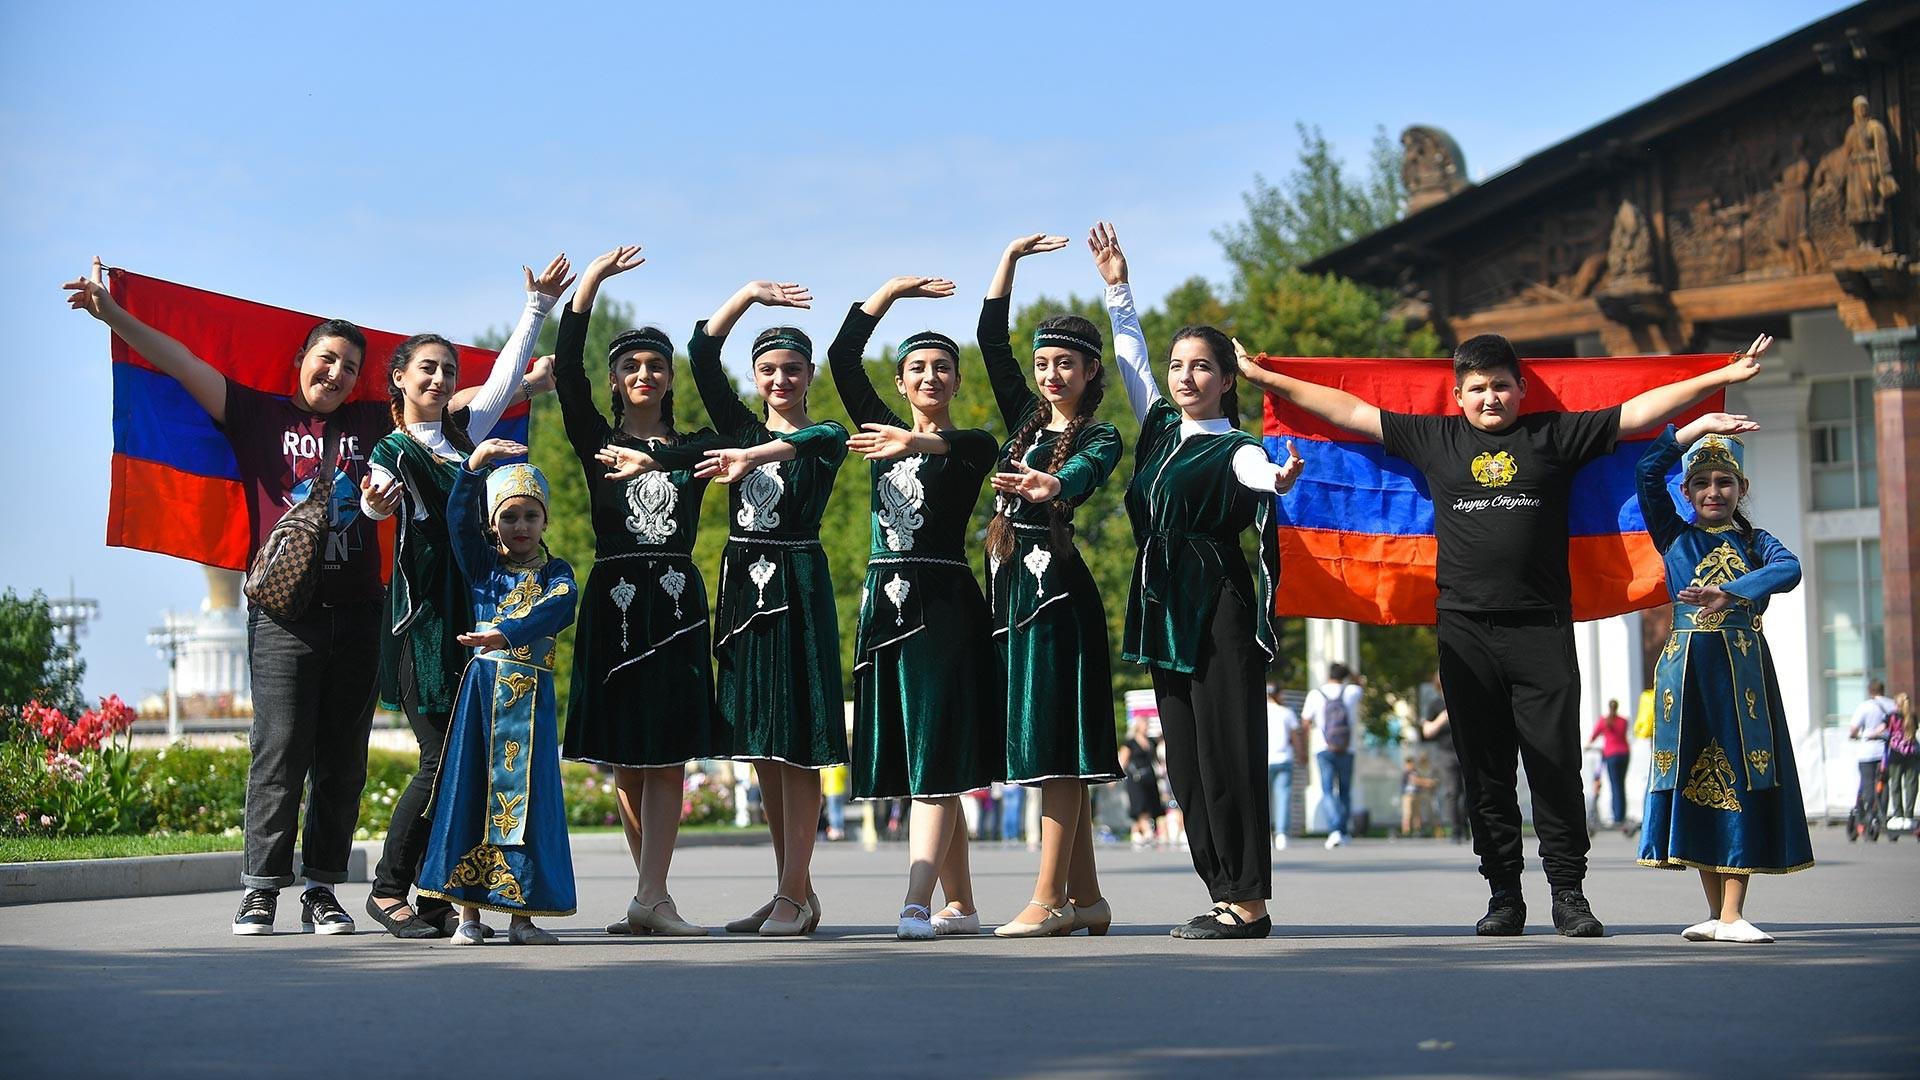 Фестиваль национального гостеприимства народов России и стран СНГ на ВДНХ.